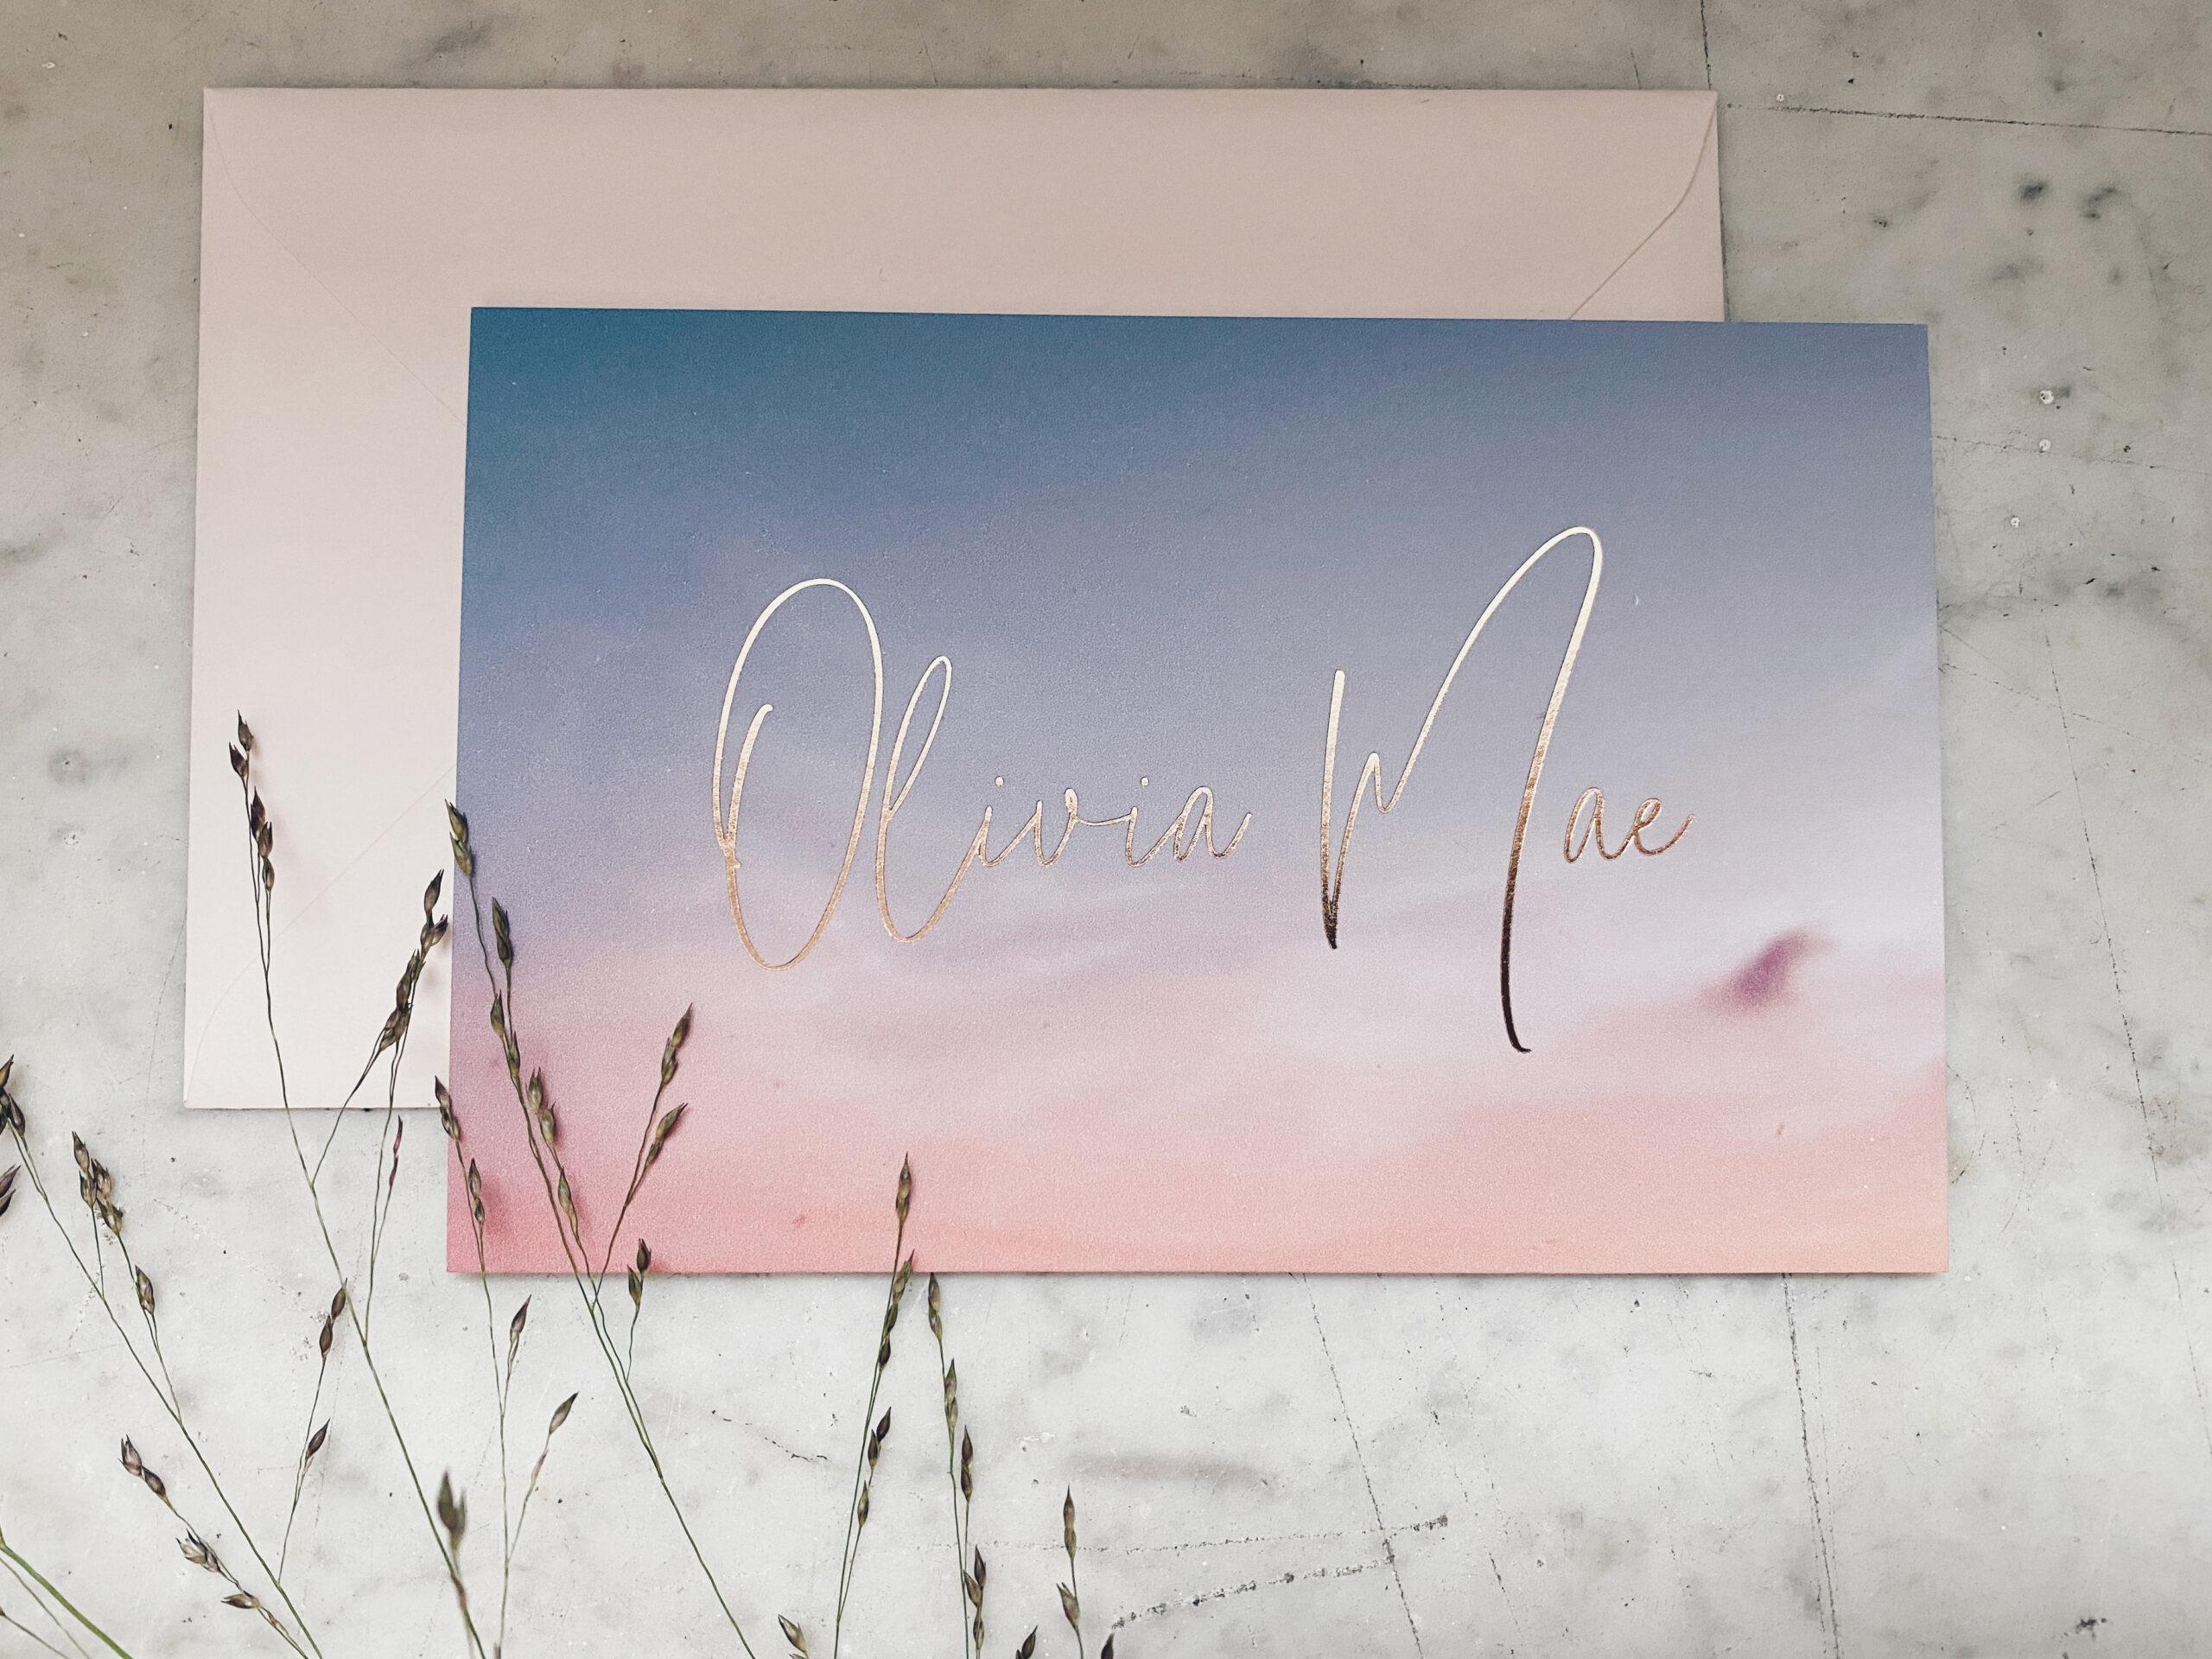 Geboortekaartje Olivia Mae, zonsondergang, gradient, roze wolk, letterpress foliedruk, kraanvogel, roze en blauw, geboortekaartje meisje, hotfoil rose gold, ontwerp op maat, Studio Mustique